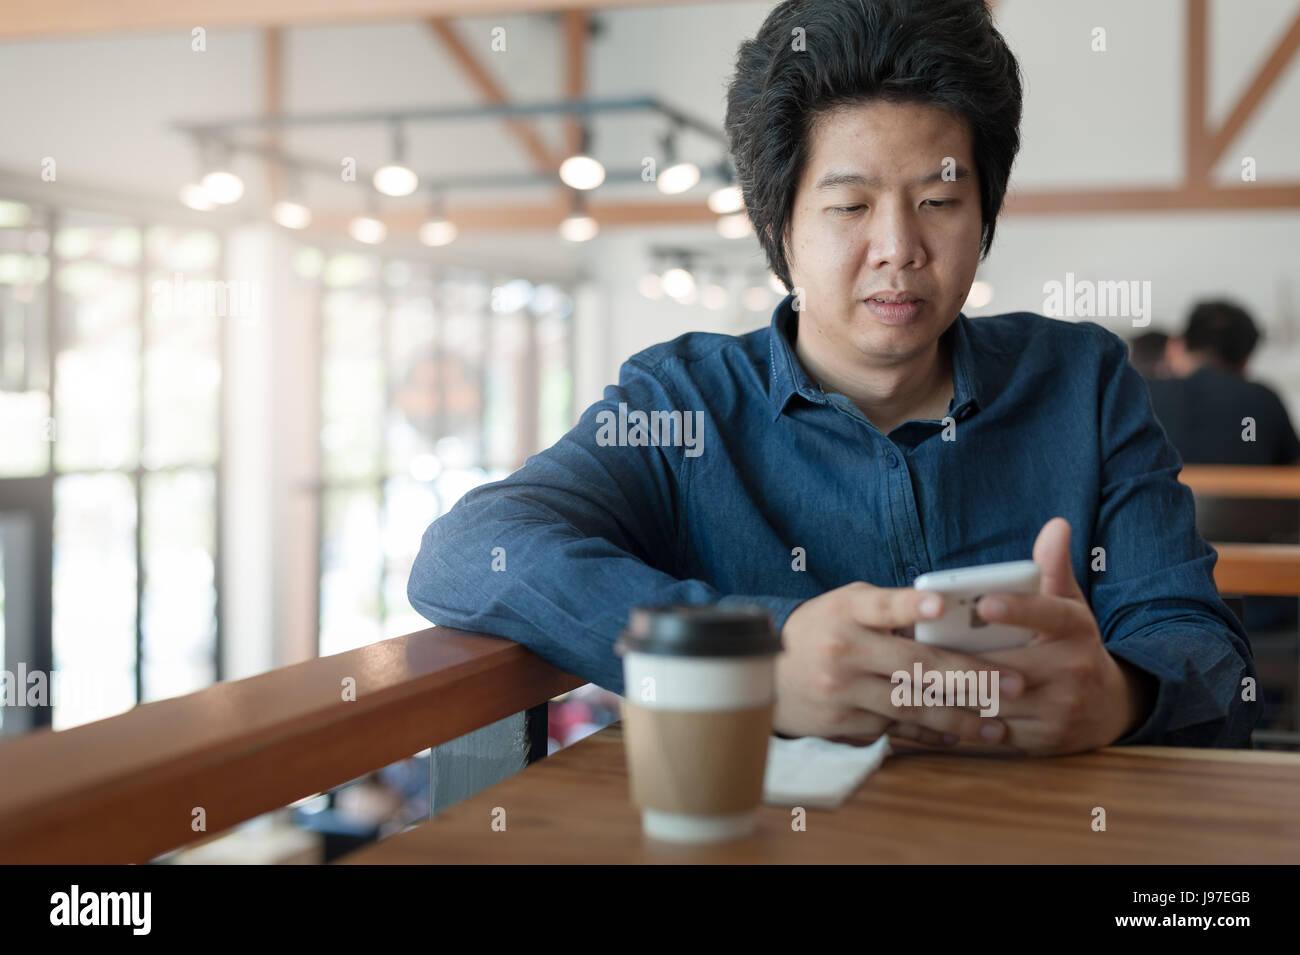 Empresario freelance asiáticos adultos mediante smartphone para la red social mientras está sentado en Imagen De Stock